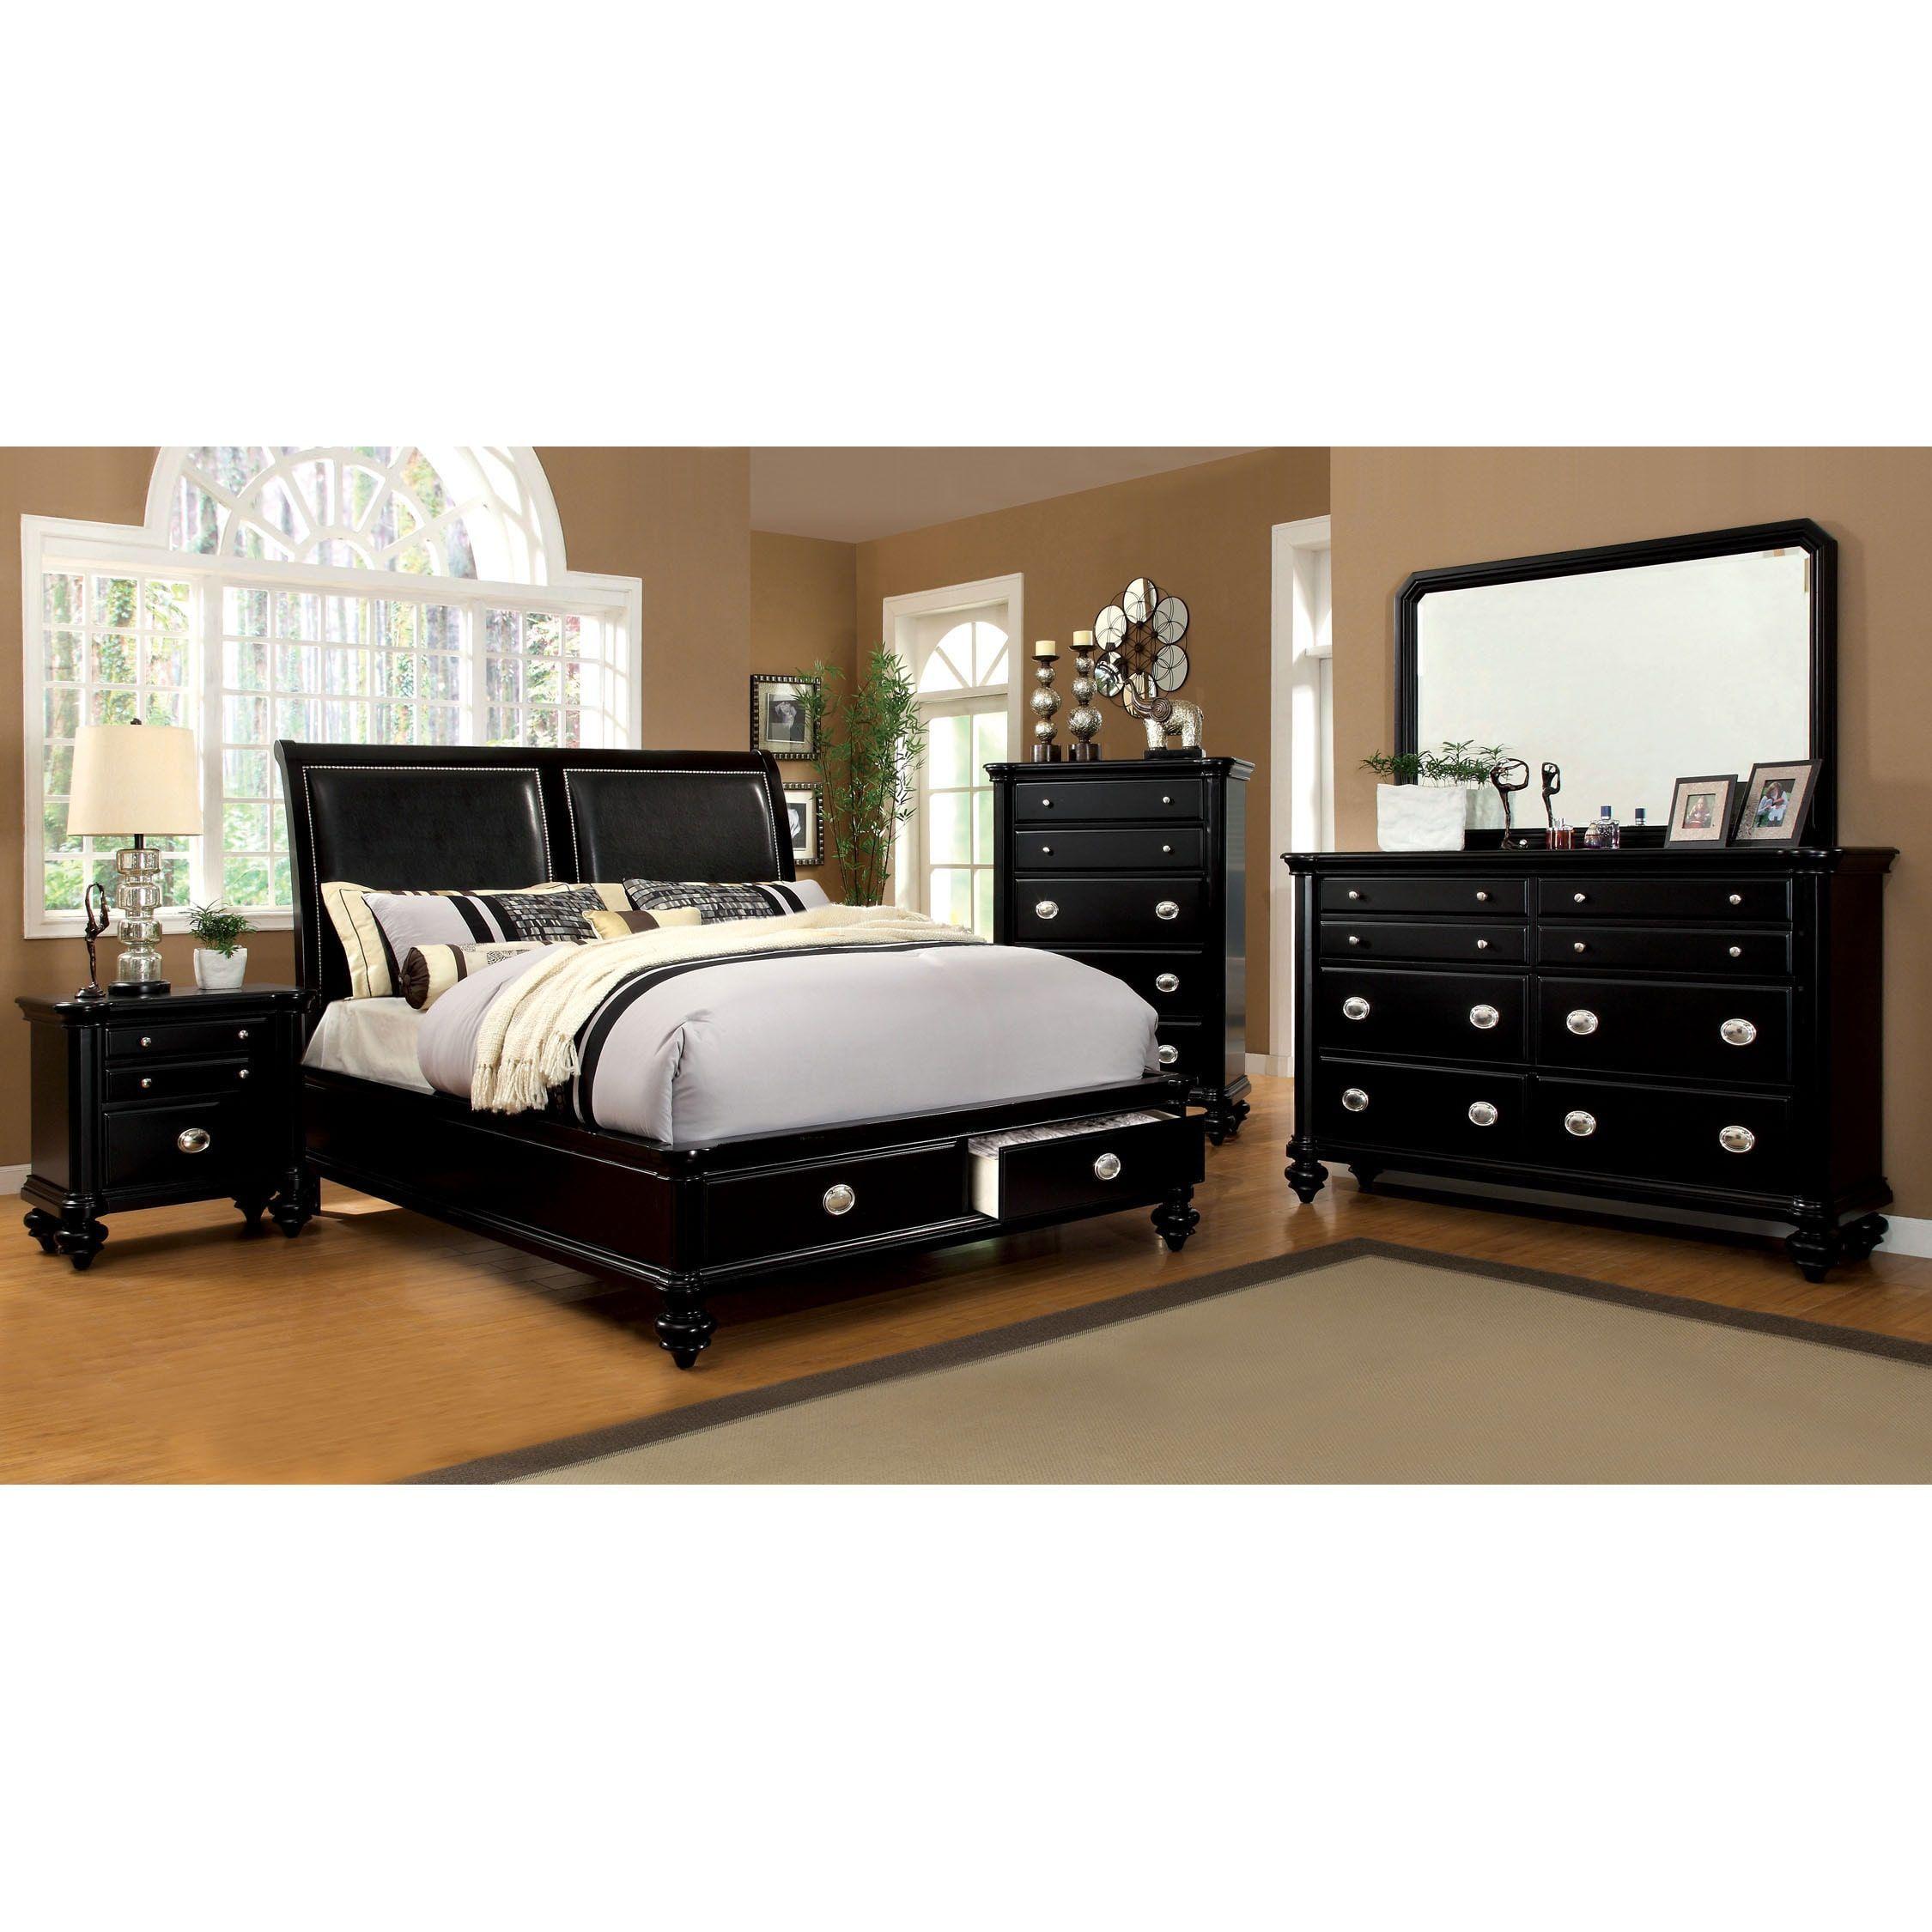 Furniture of America Modern 4-piece Platform Bedroom Set ...